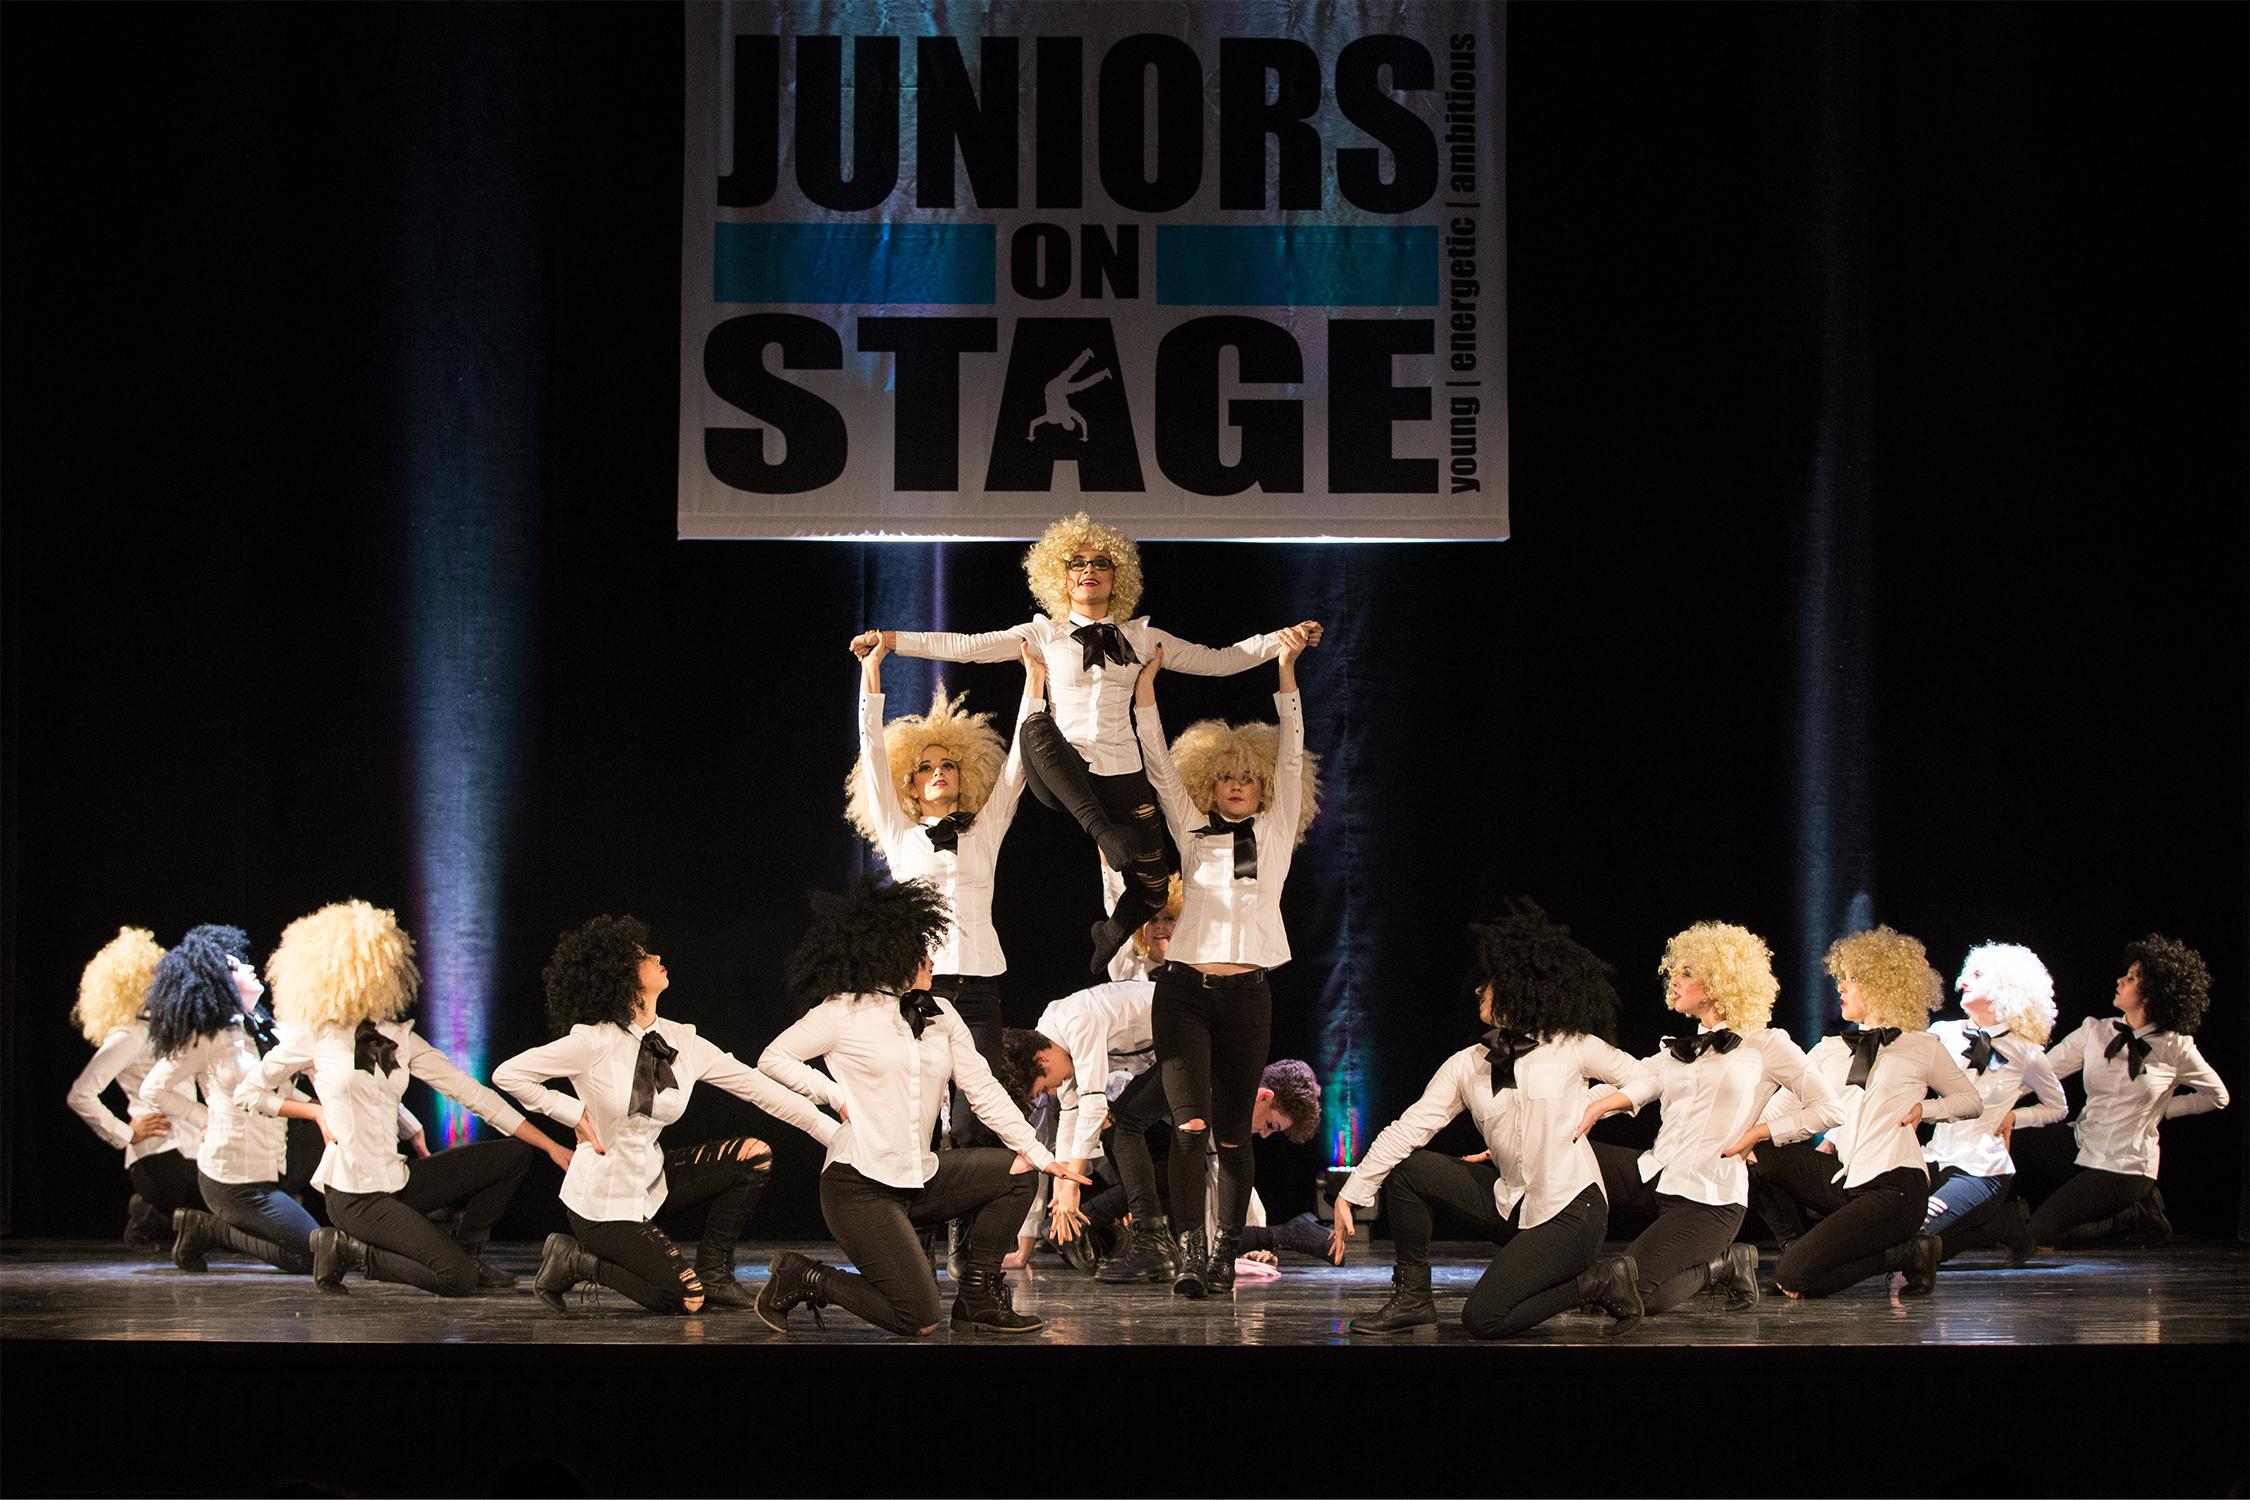 HDFoto-JuniorsOnStage-126